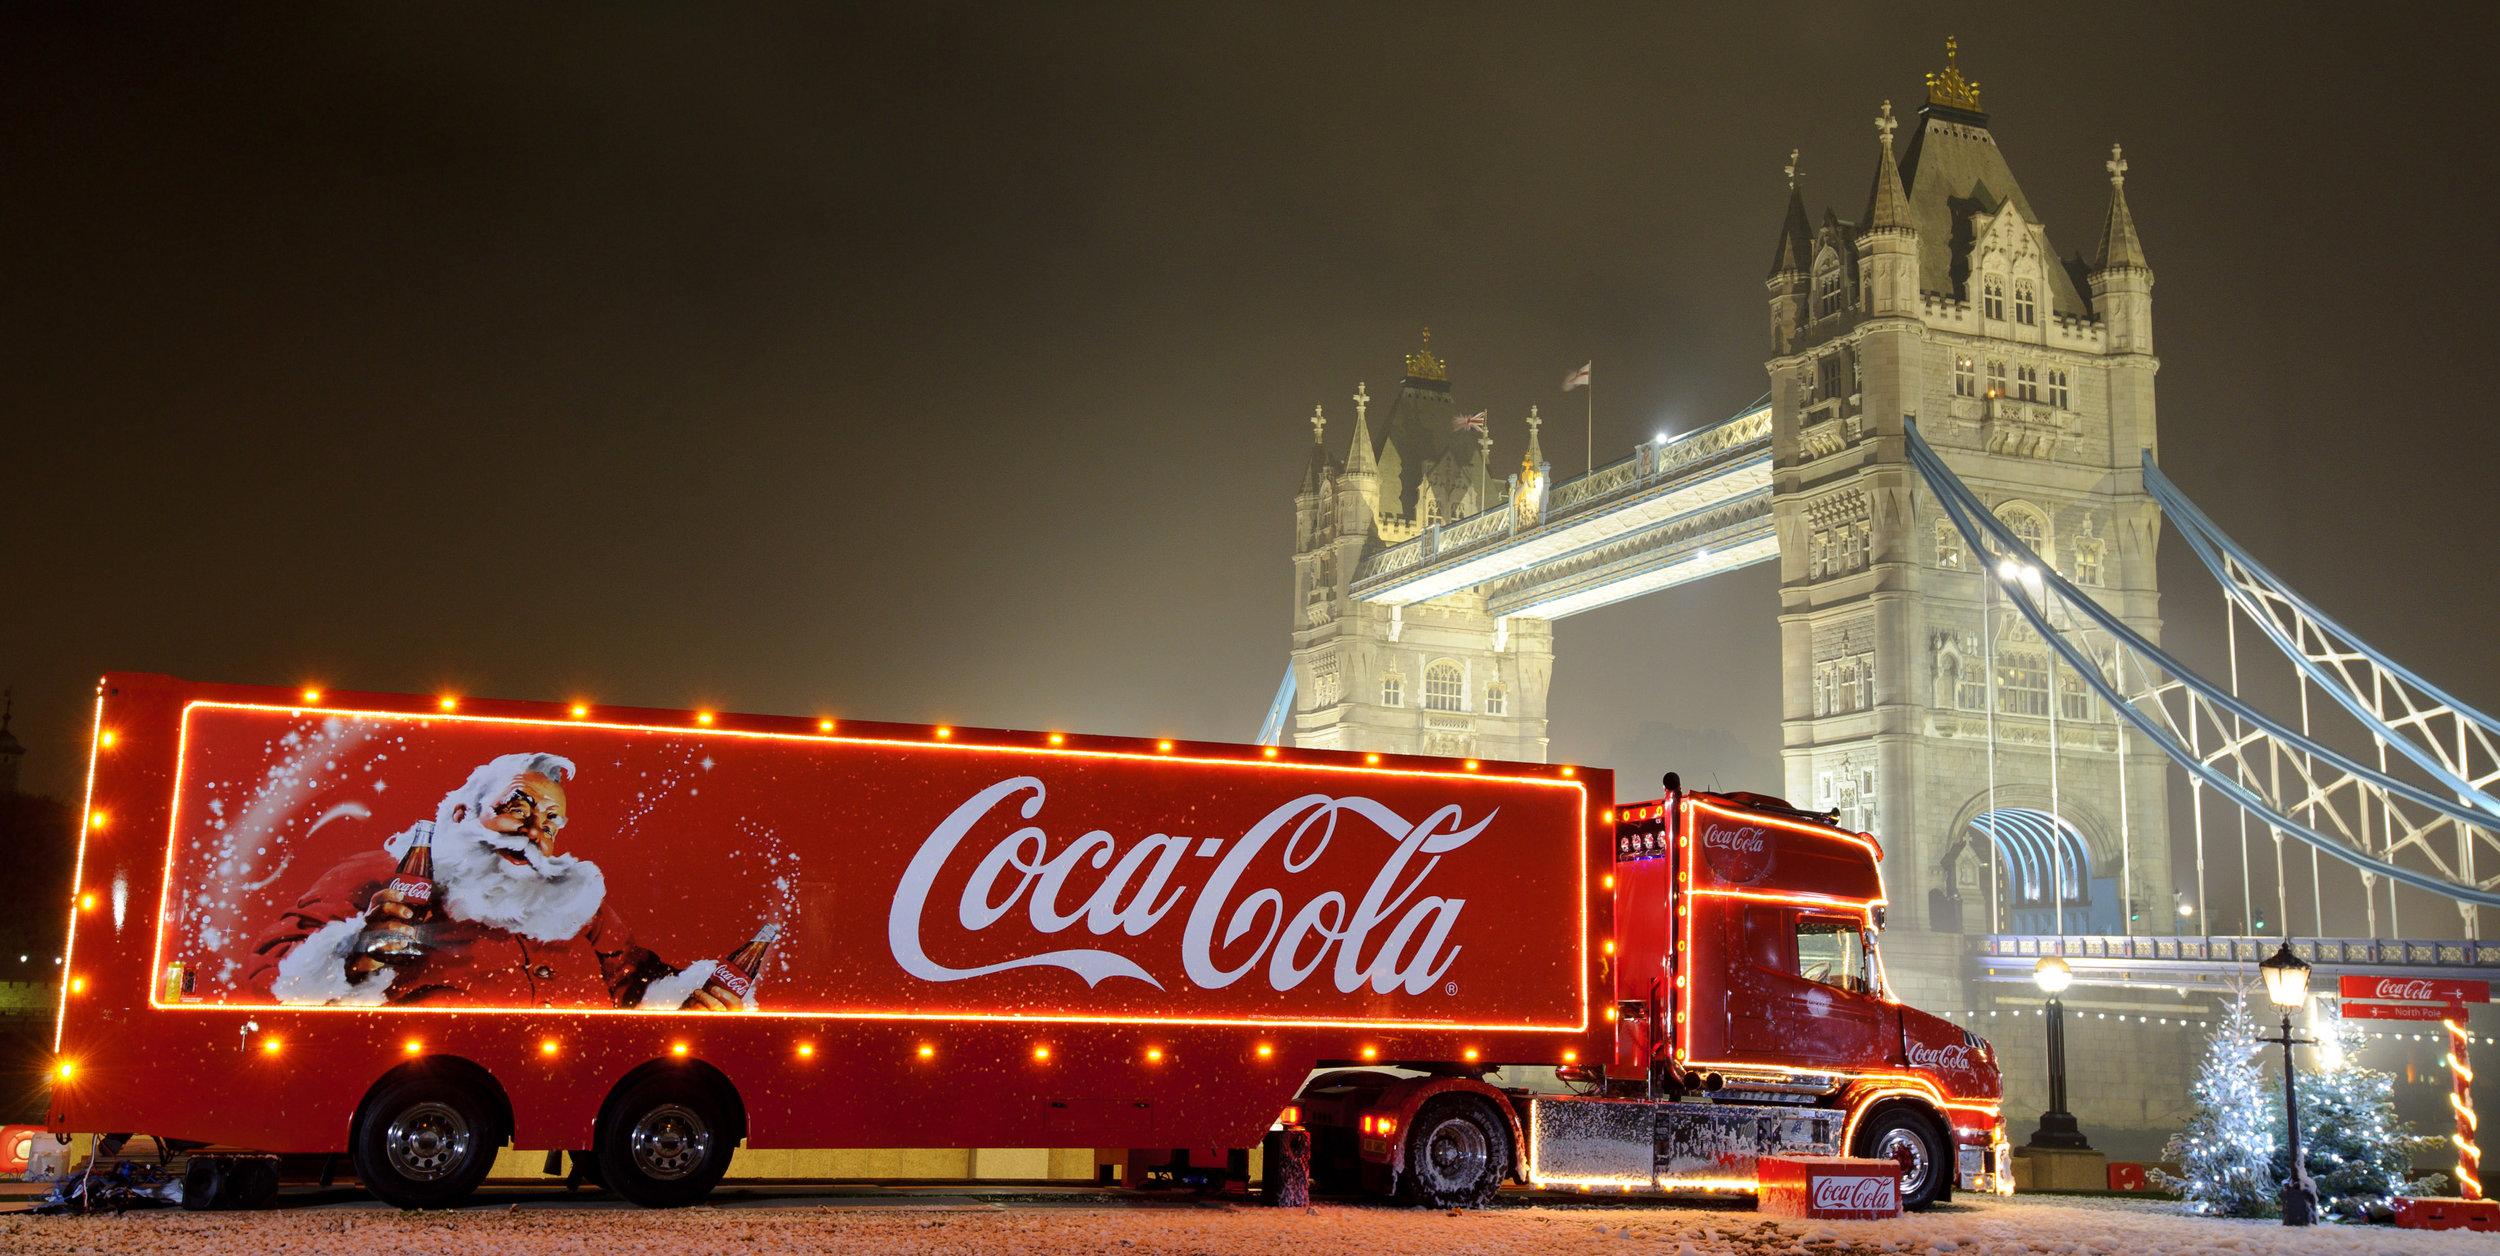 Não fique a ver os camiões a passar. Agarre a sua oportunidade e cative os seus clientes!